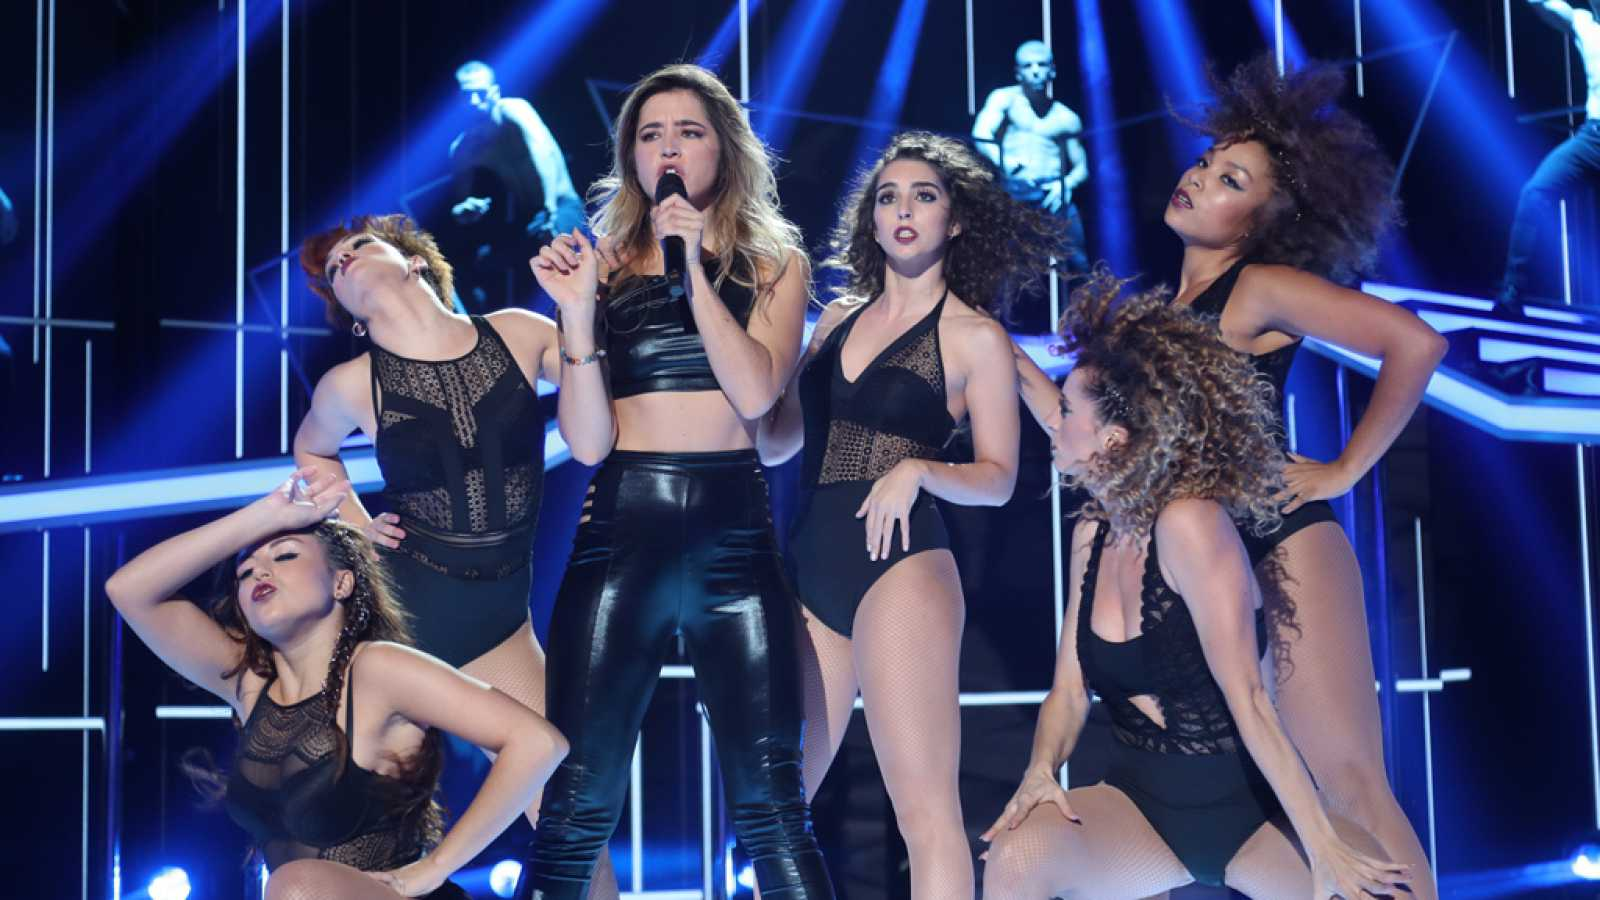 Mimi canta 'Don't Cha' en la gala 0 de Operación Triunfo